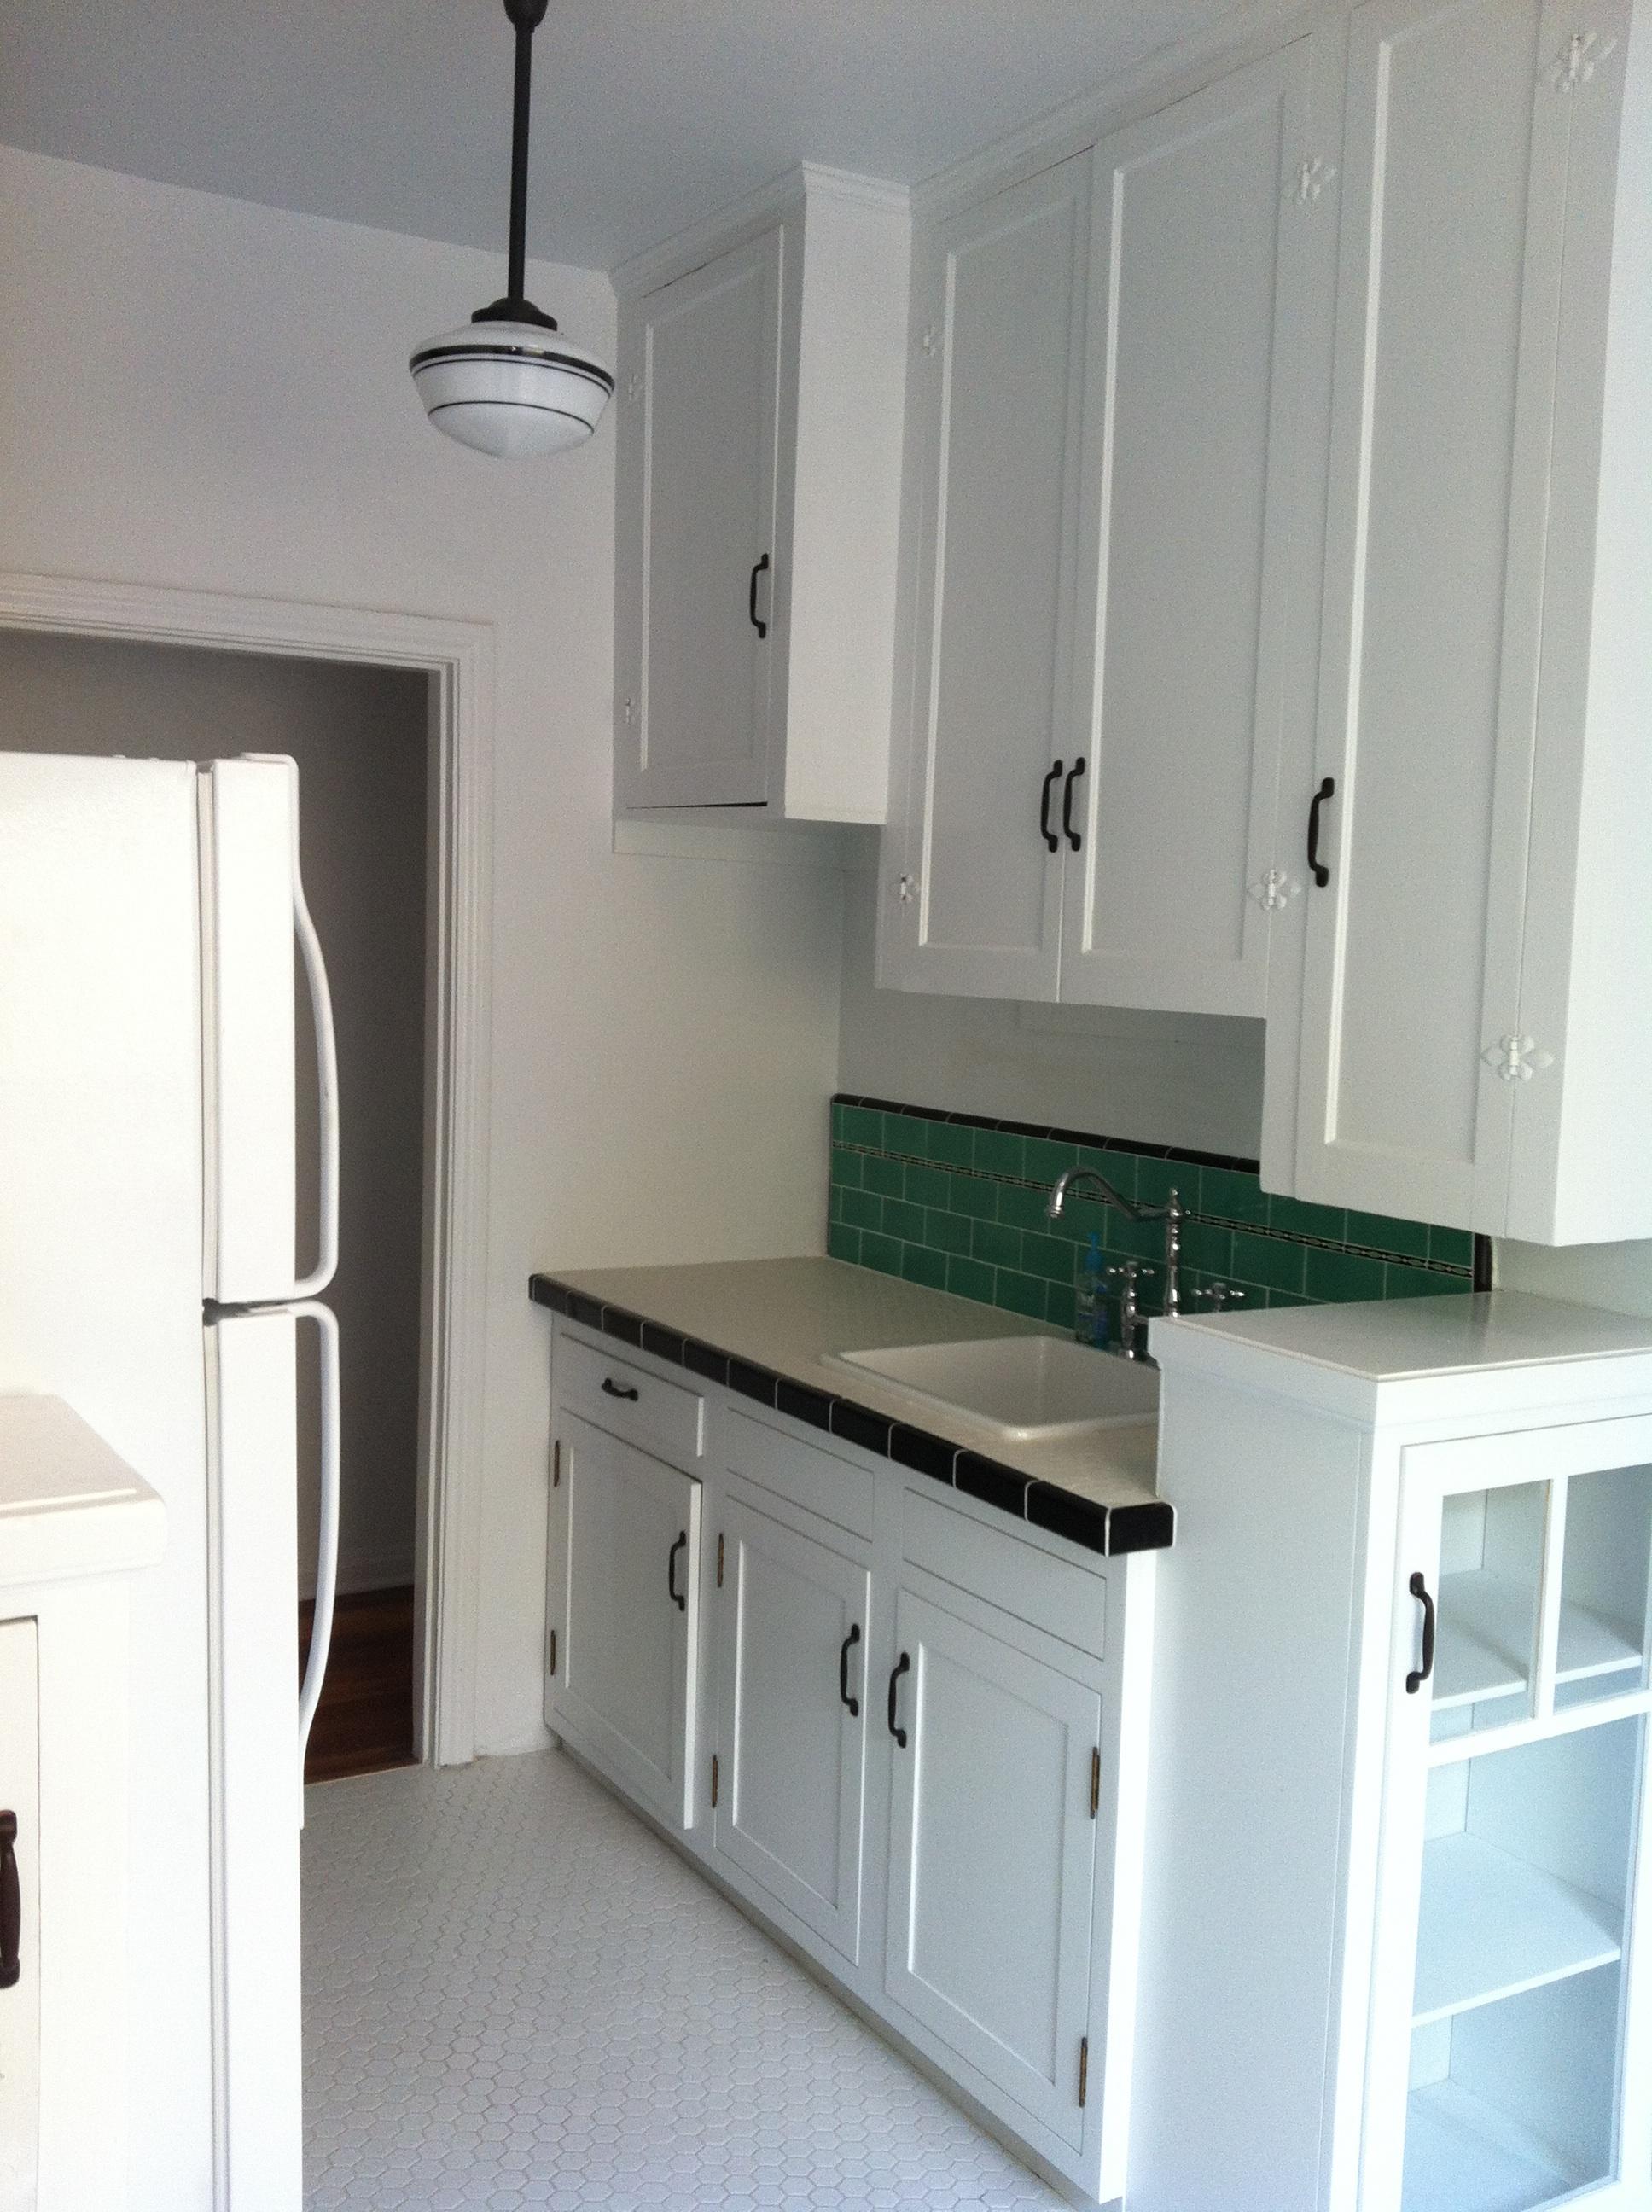 101 kitchen 2 after.jpg